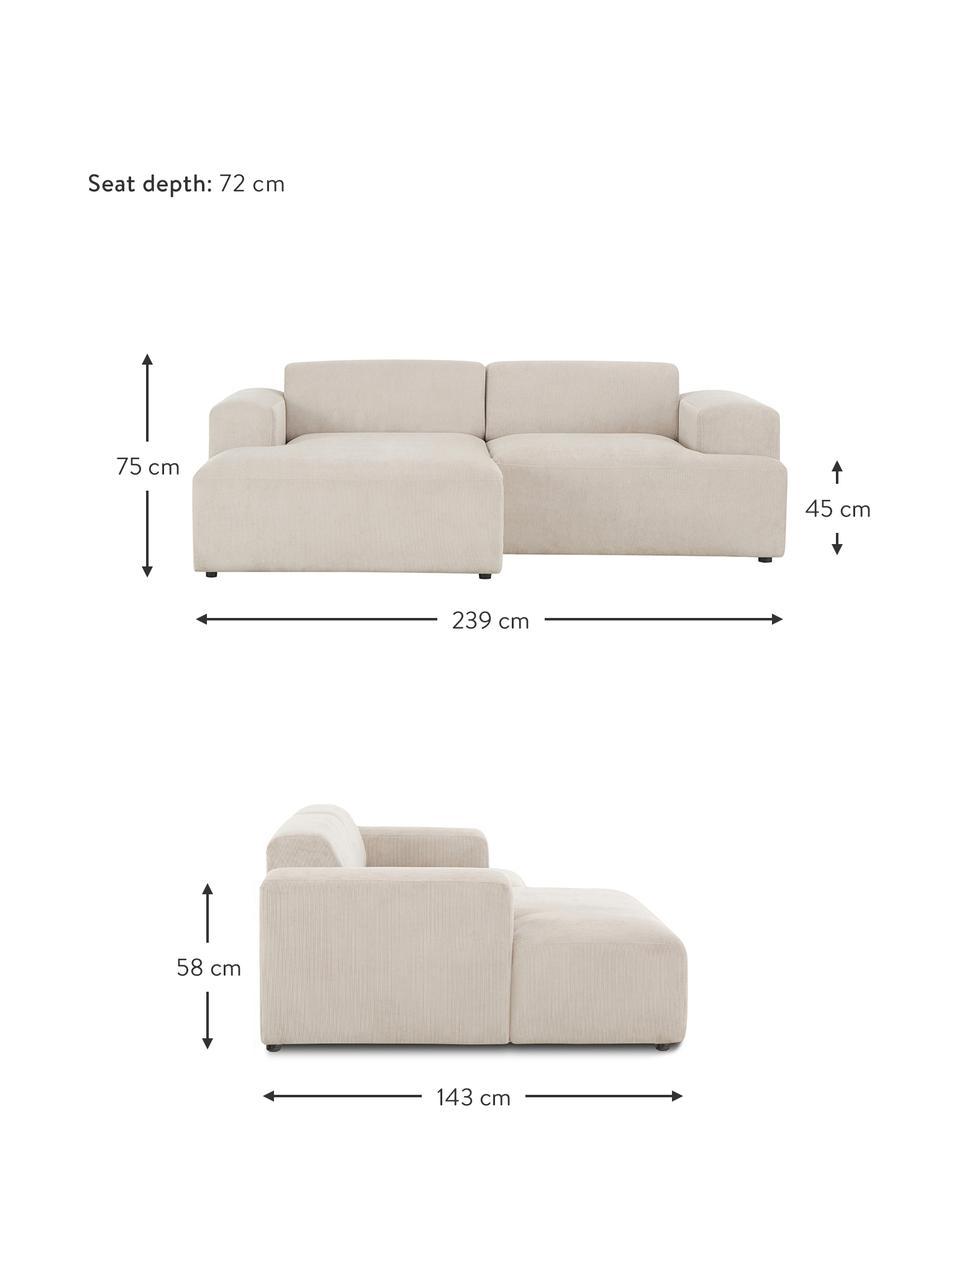 Sofa narożna ze sztruksu Melva (3-osobowa), Tapicerka: sztruks (92% poliester, 8, Stelaż: lite drewno sosnowe, cert, Nogi: tworzywo sztuczne, Sztruksowy beżowy, S 239 x G 143 cm